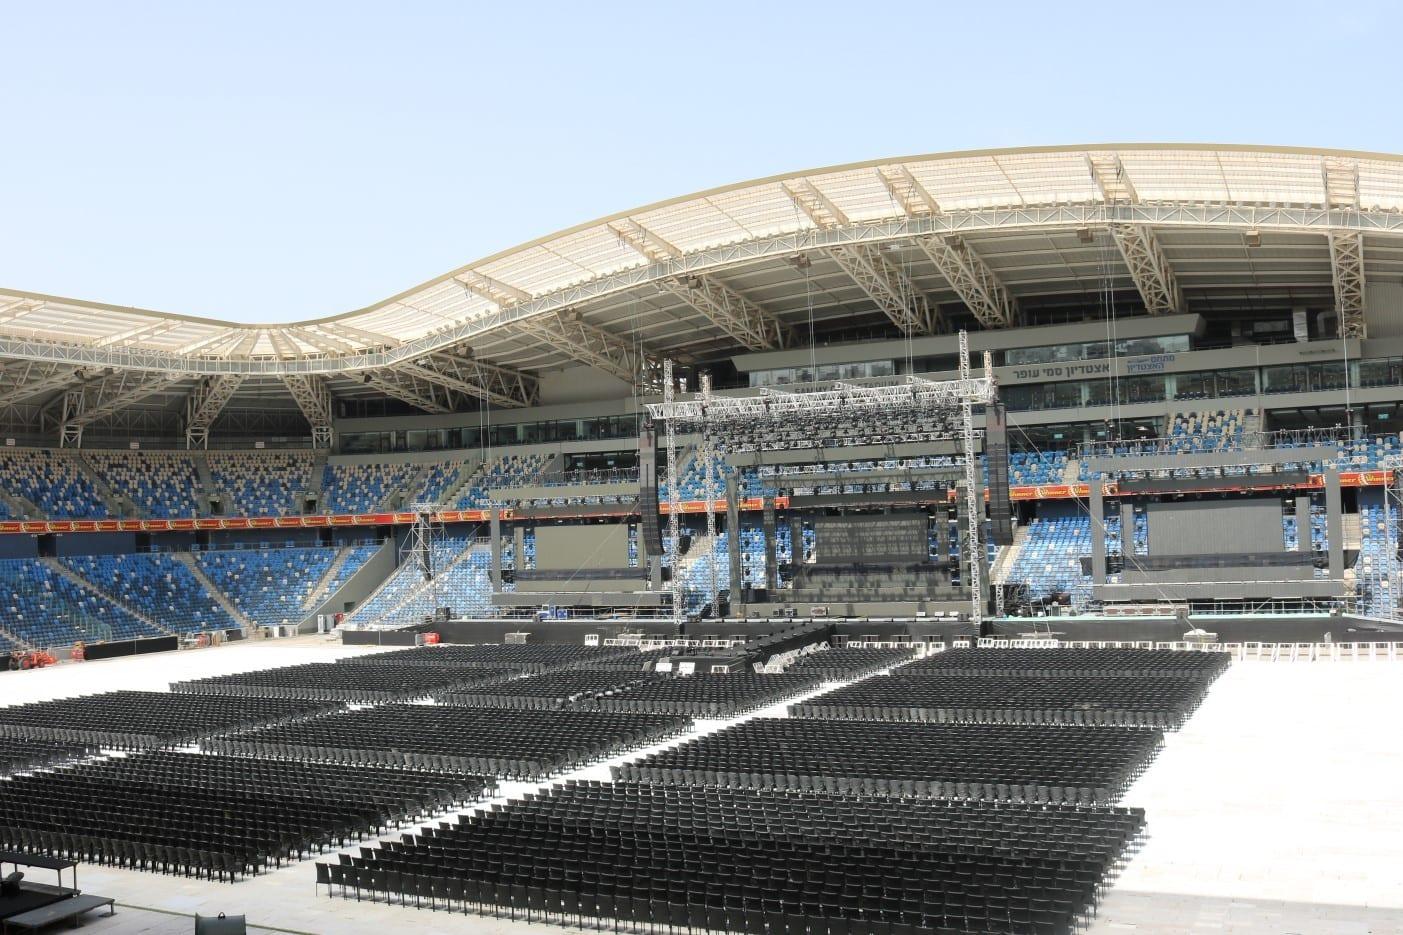 סידור הבמות והמושבים להופעה באצטדיון סמי עופר